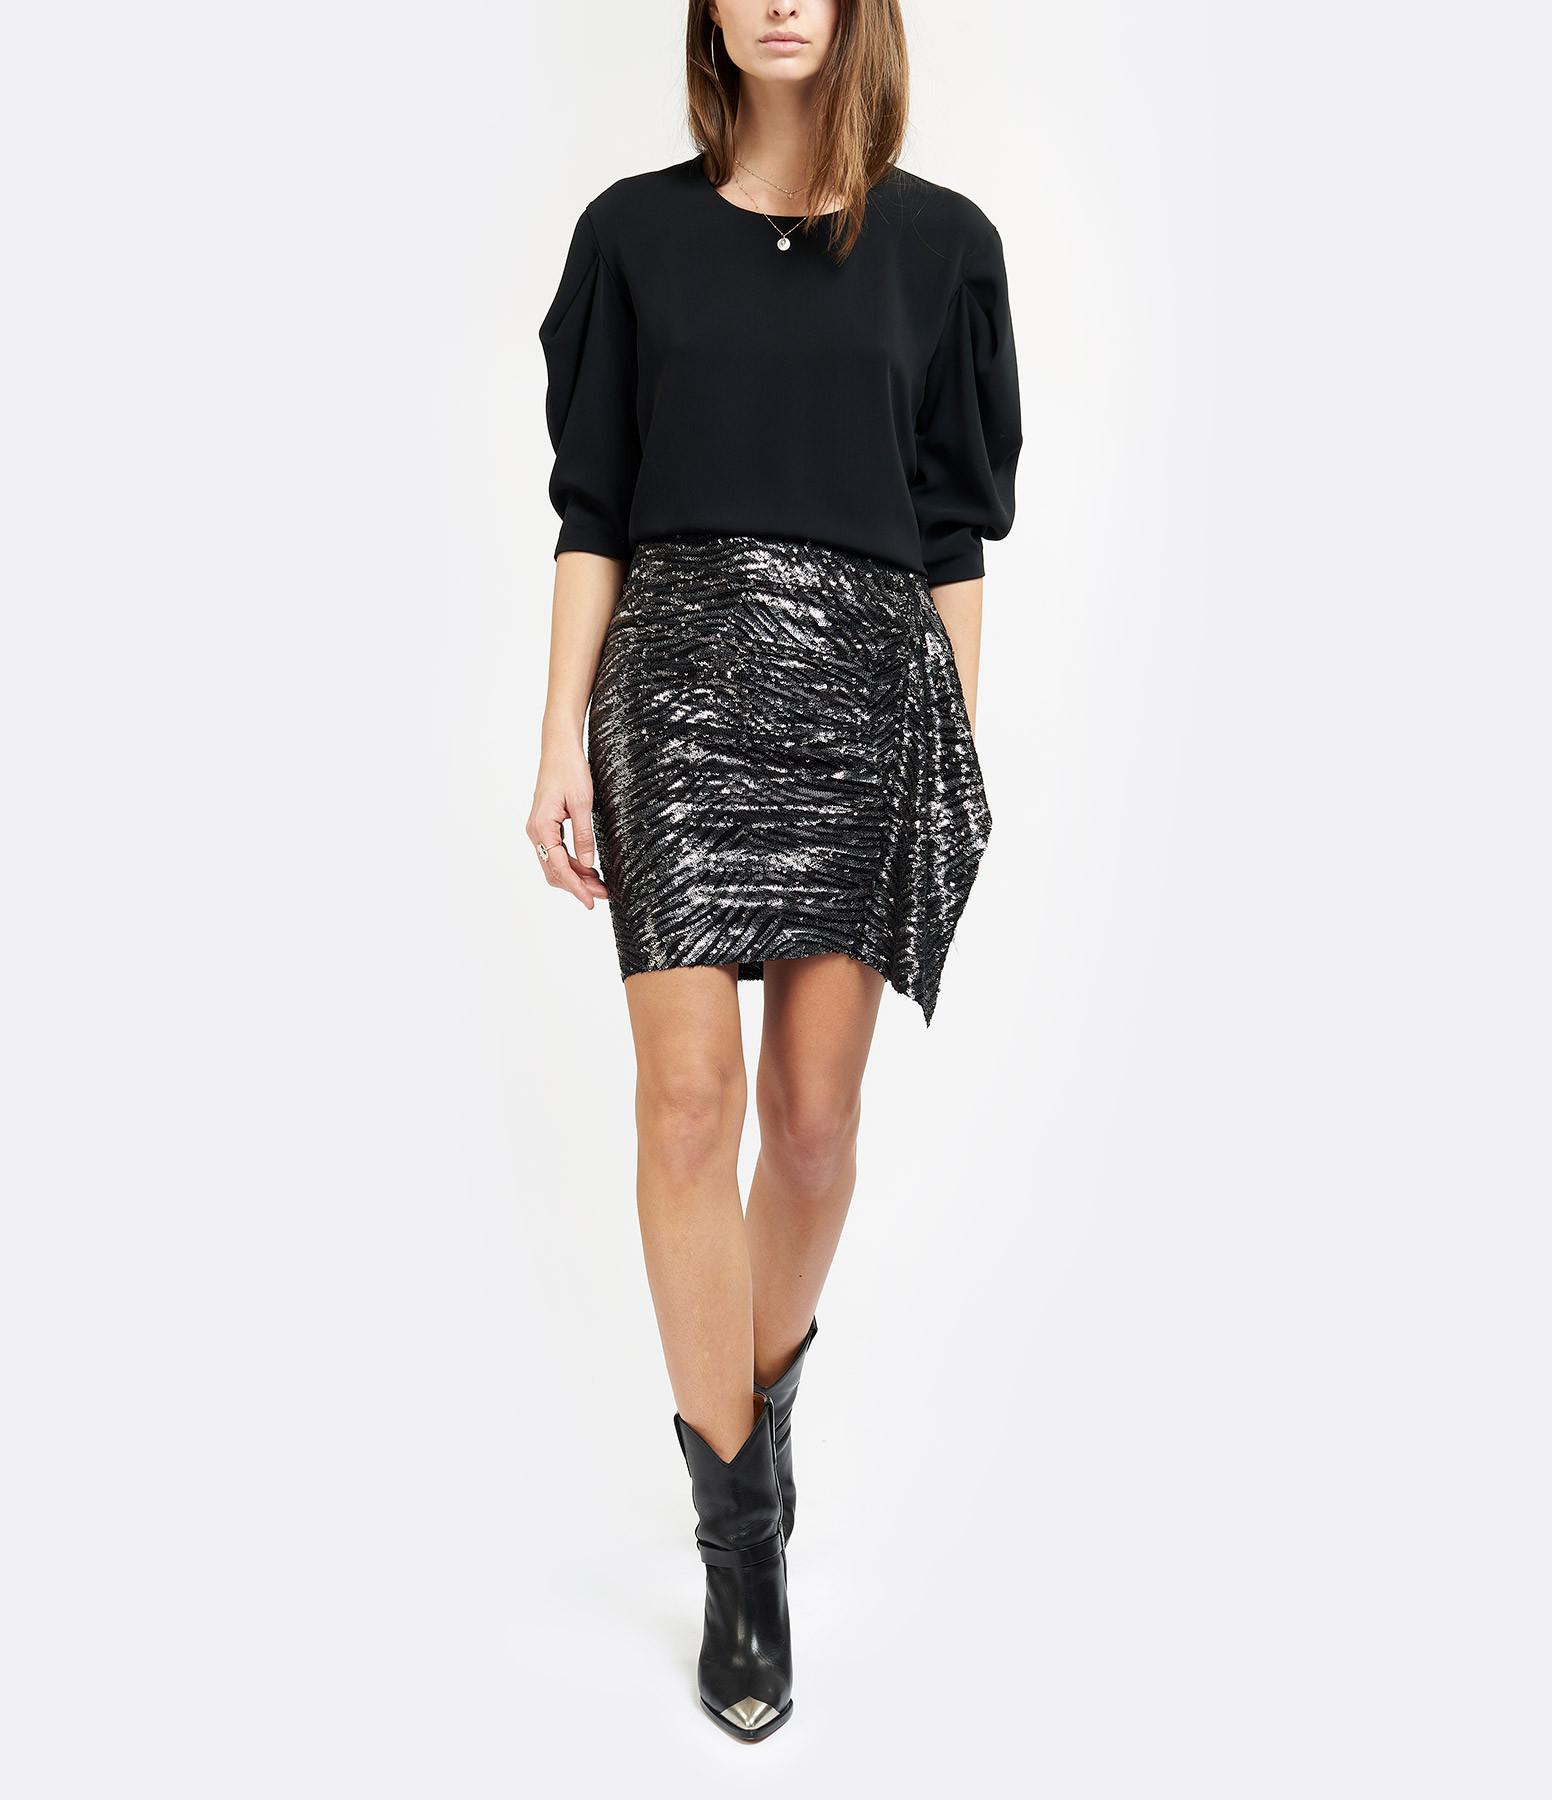 MM6 MAISON MARGIELA - Tee-shirt Fluide Noir